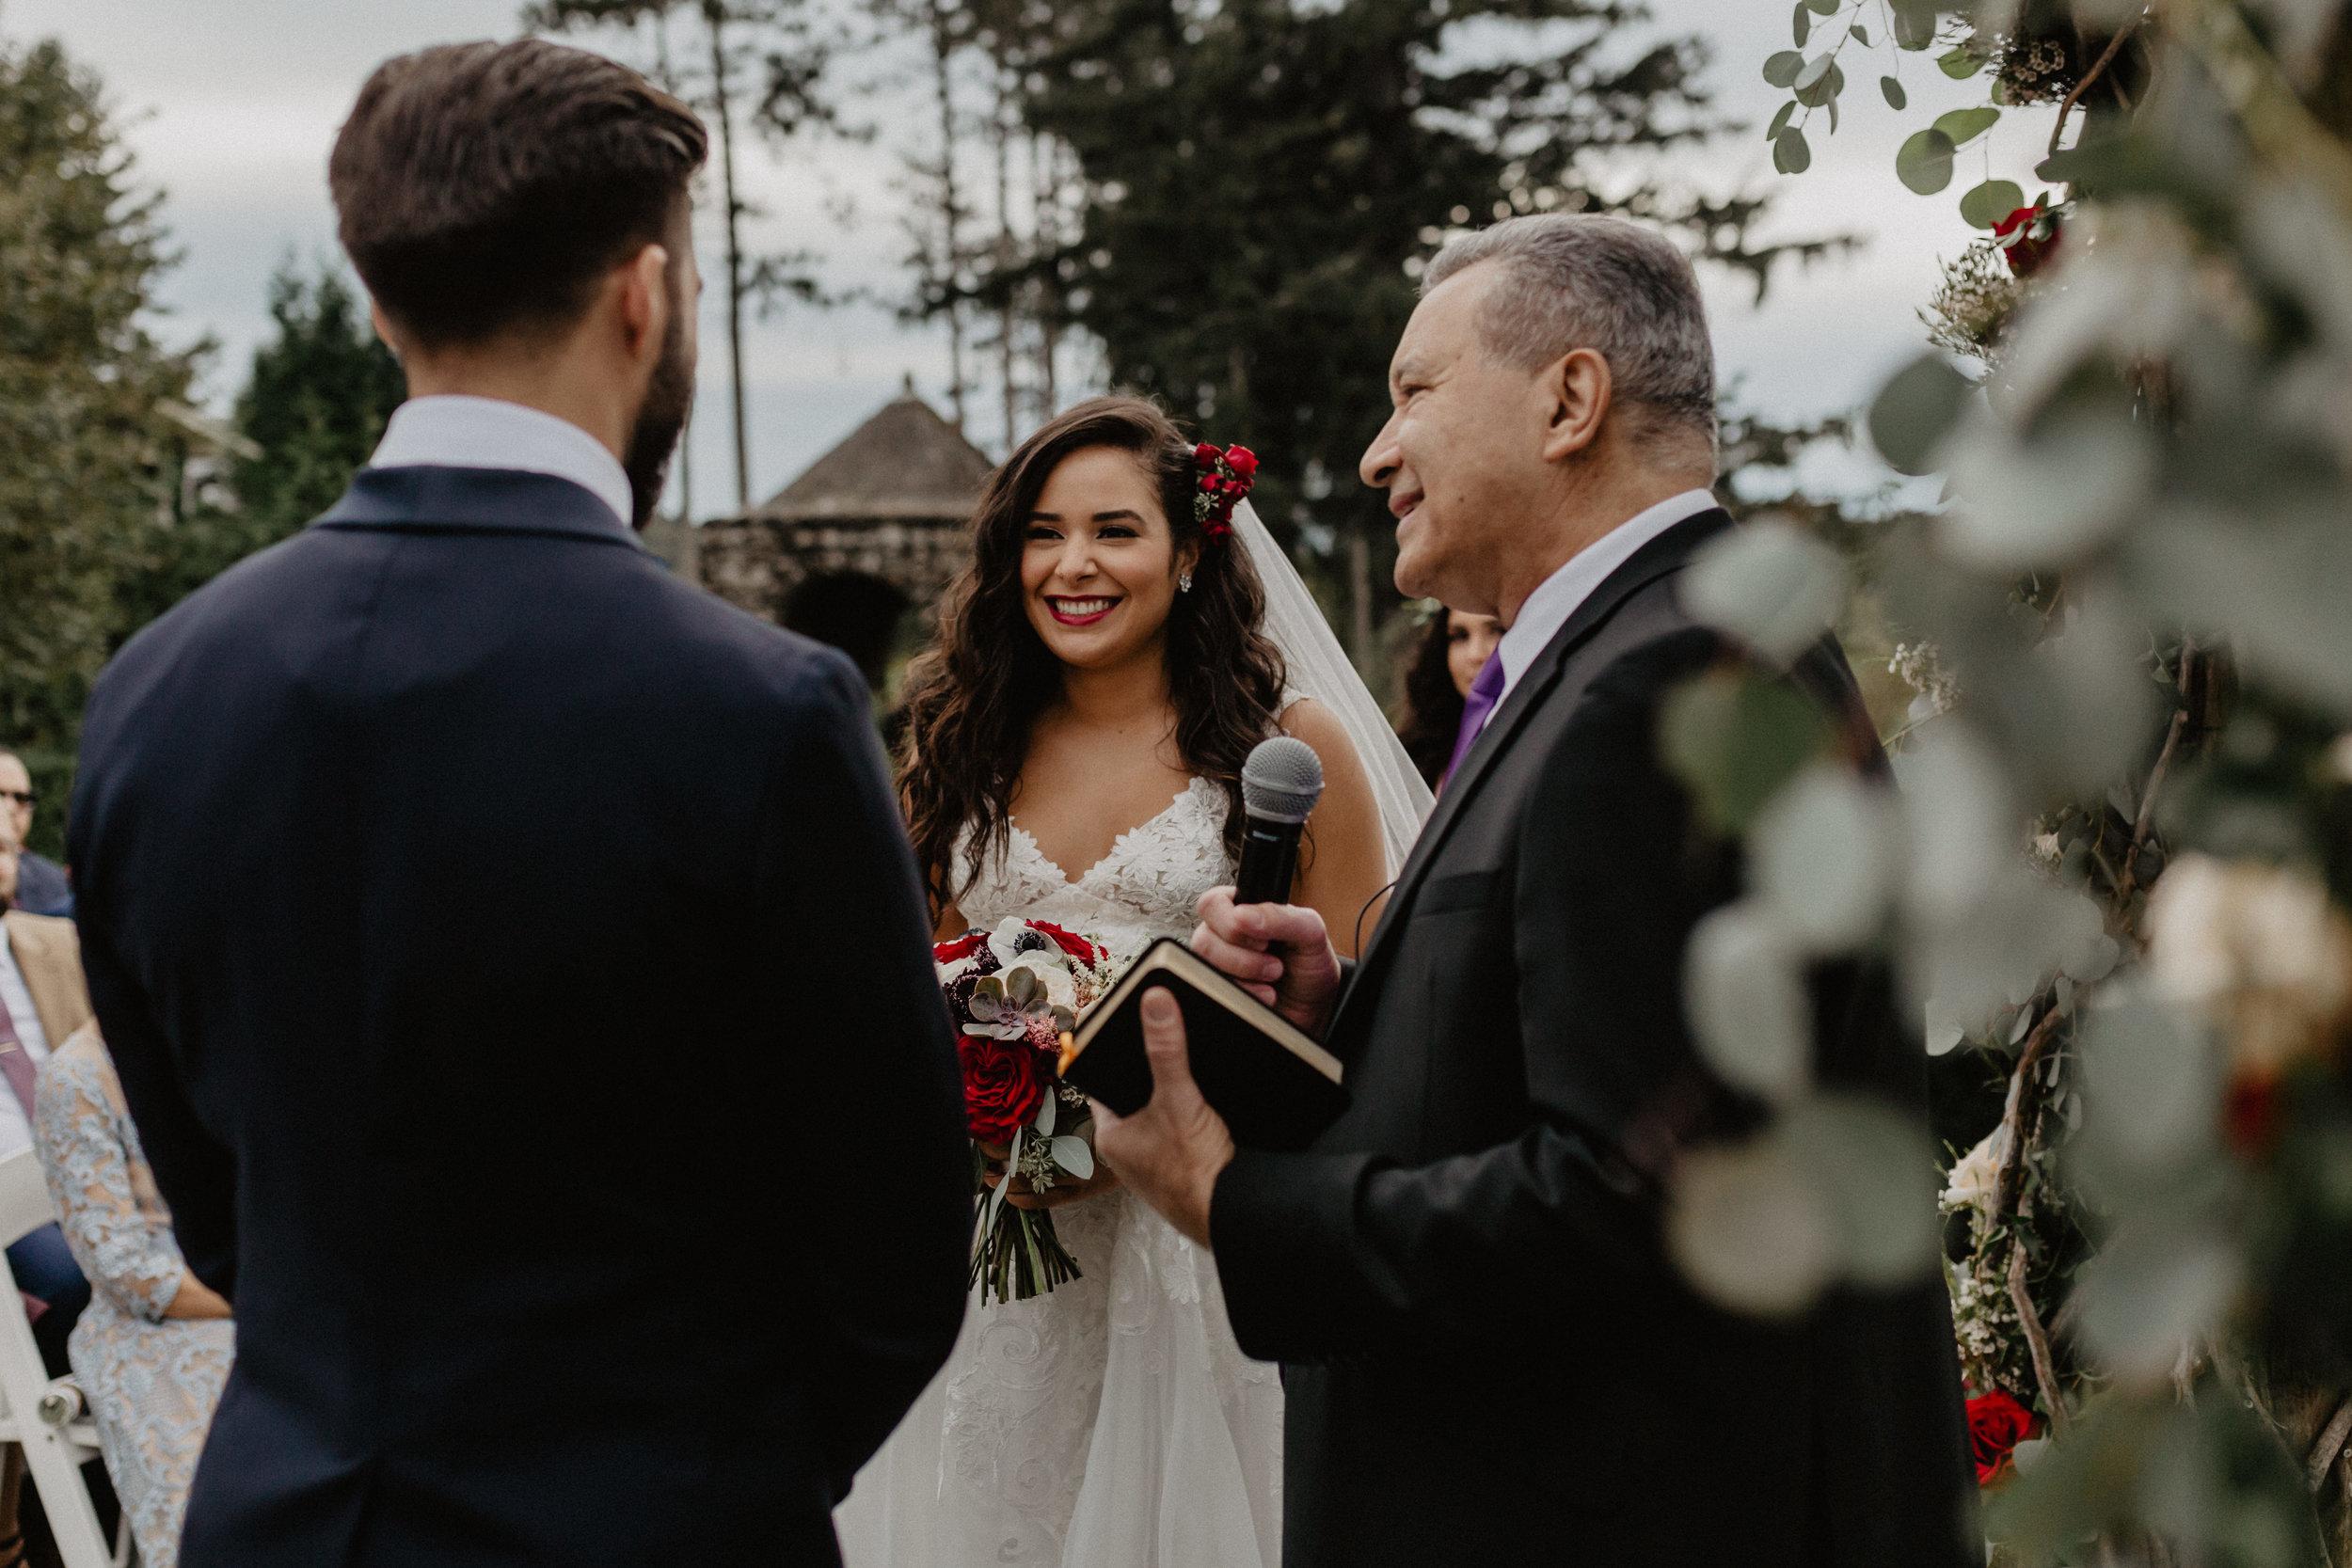 garrison_wedding_photos_050.jpg